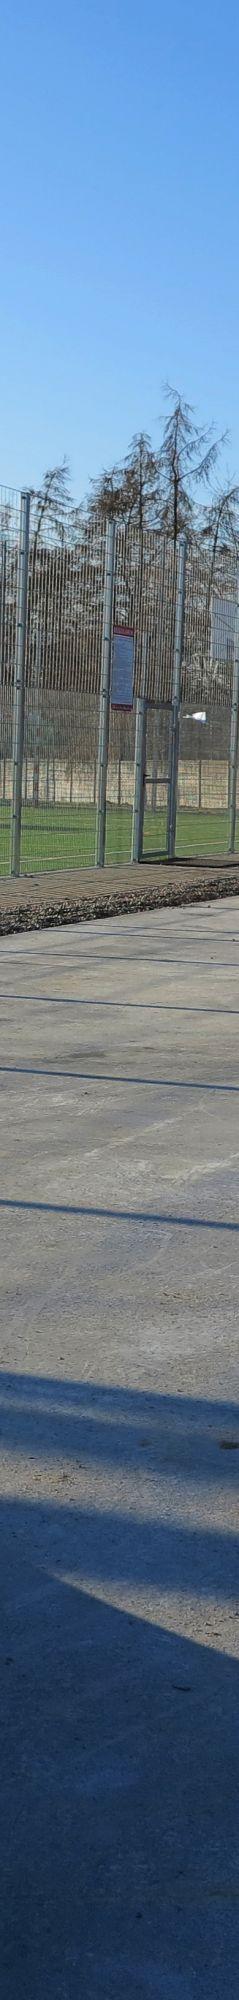 Szamotuly - skatepark build for new estate